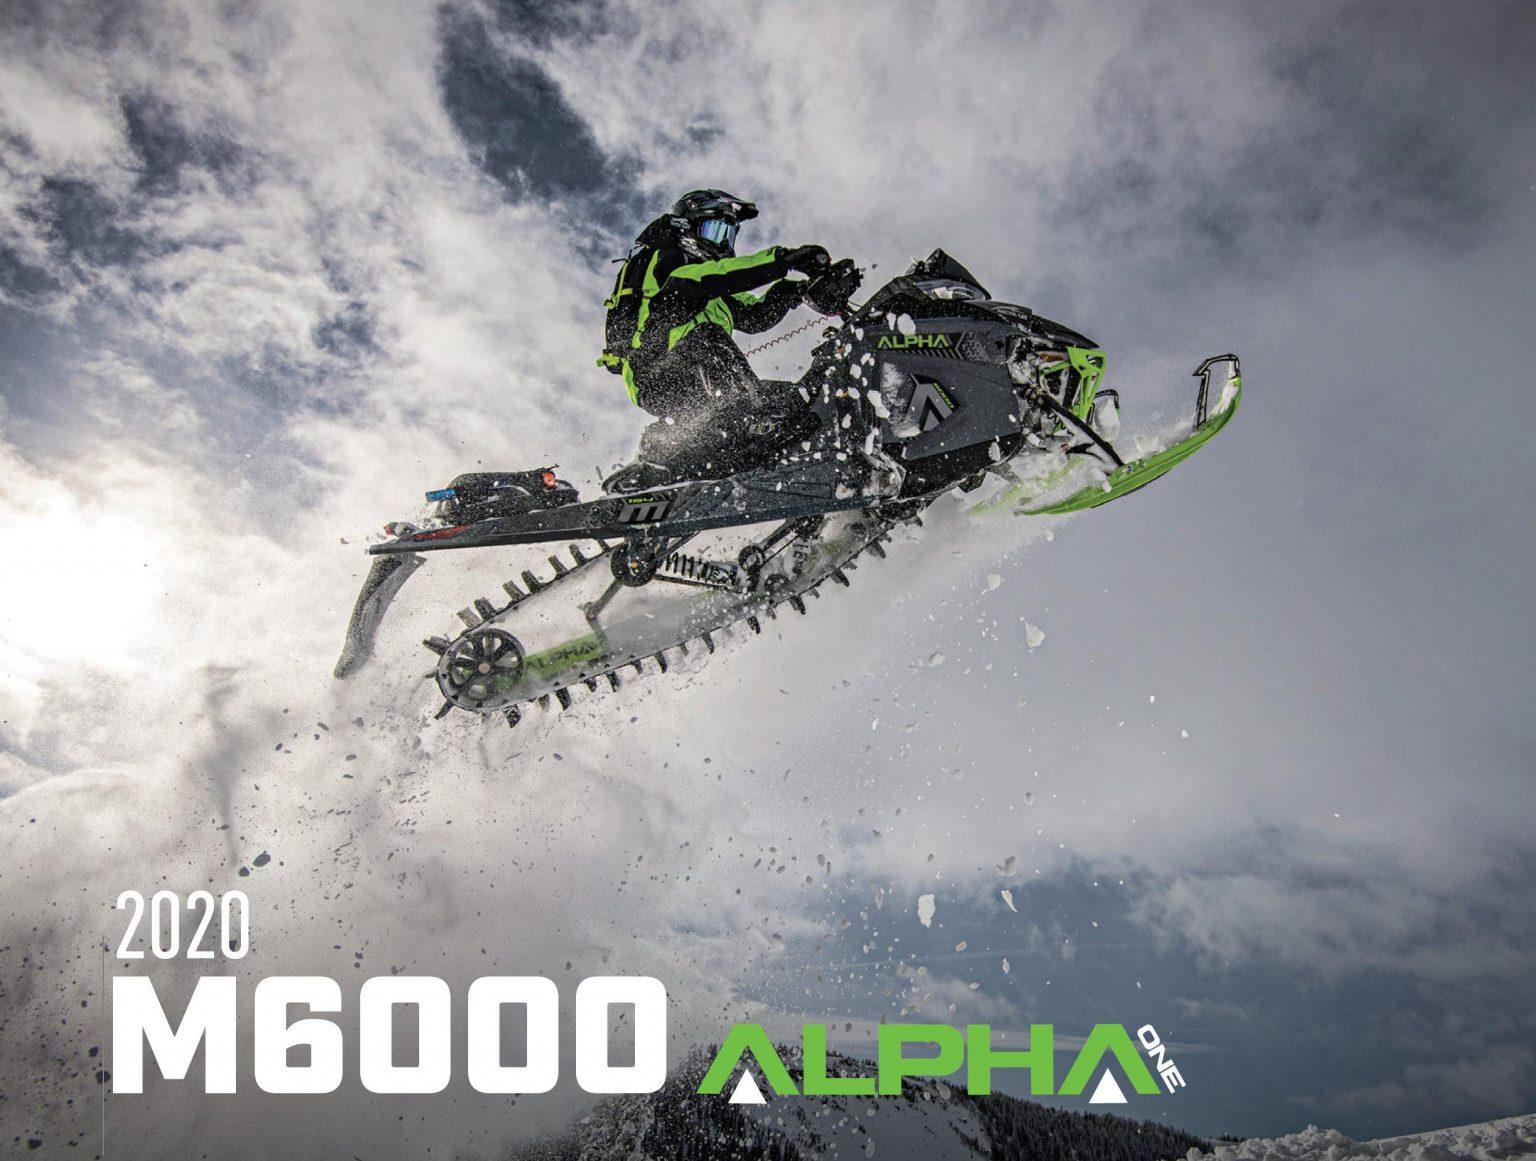 La M6000 Alpha One fait son apparition surprise dès 2020